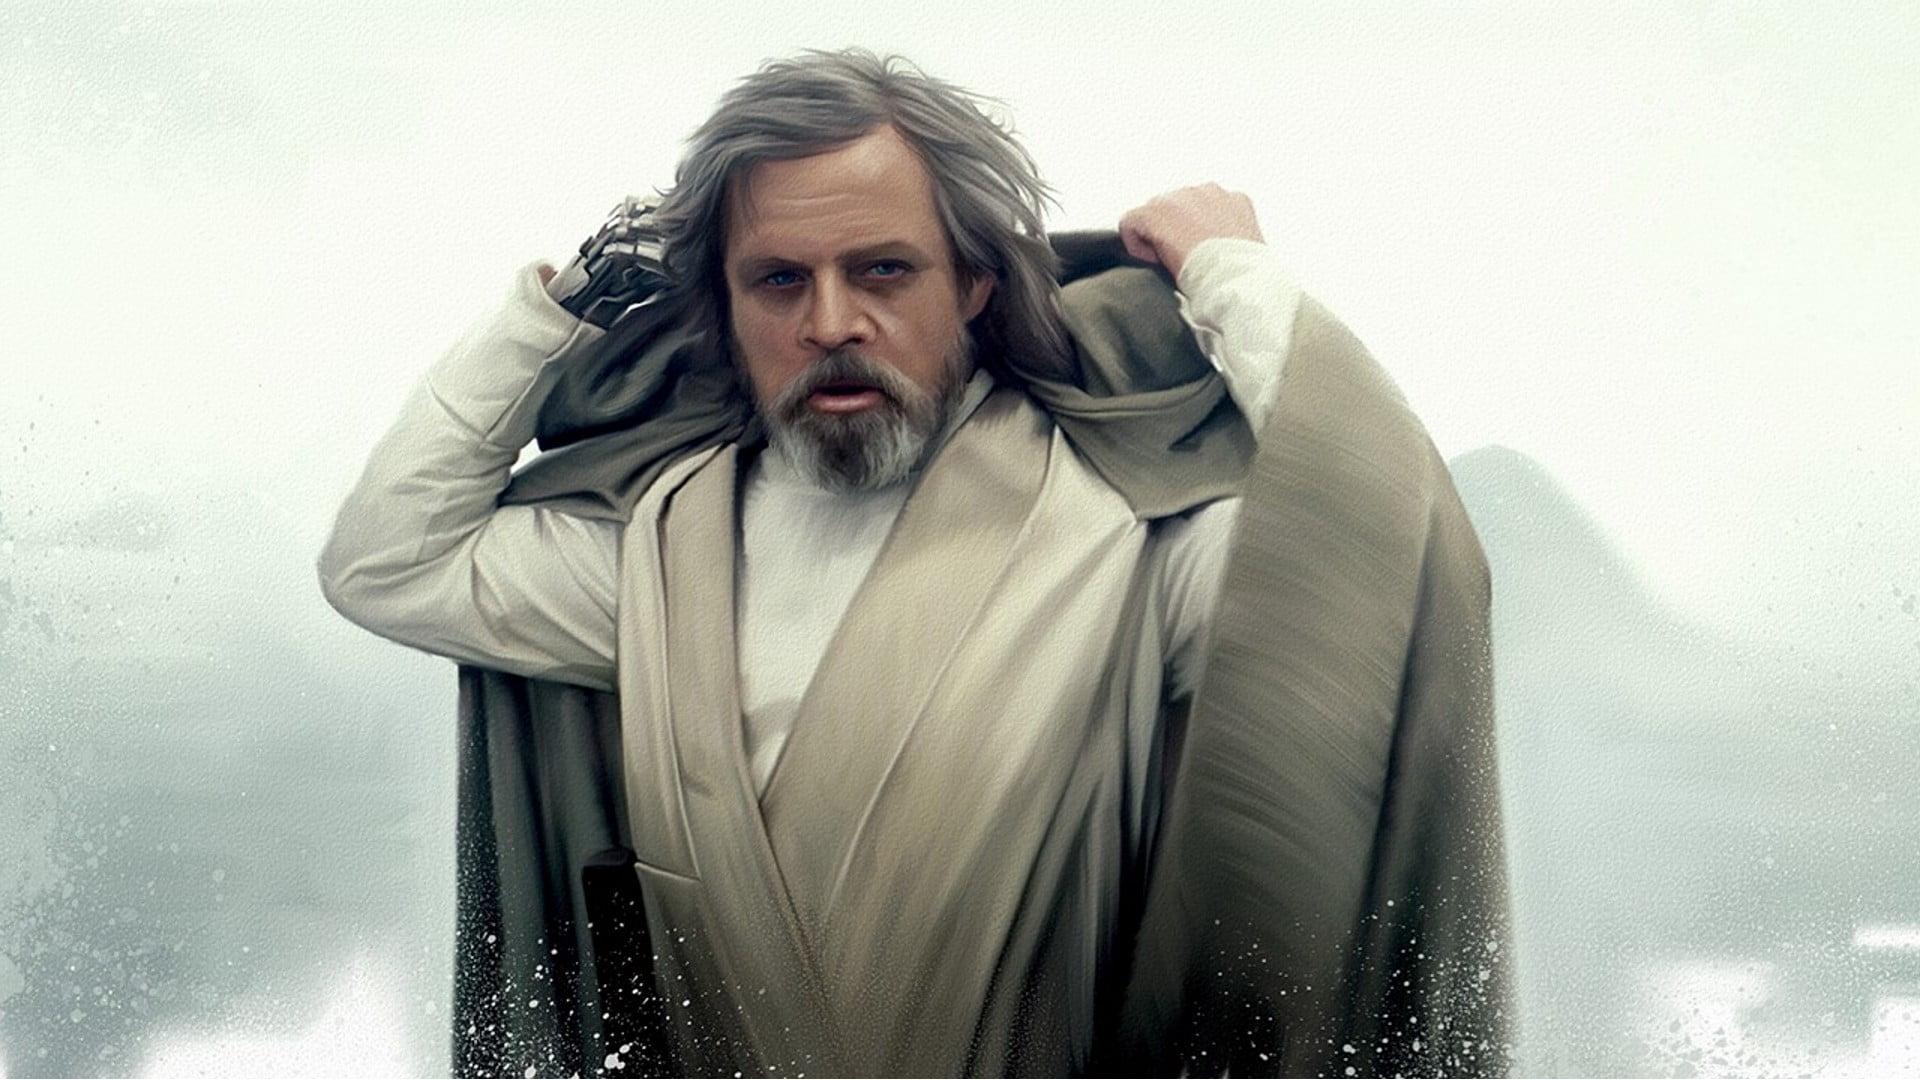 Luke Skywalker Tfa , HD Wallpaper & Backgrounds